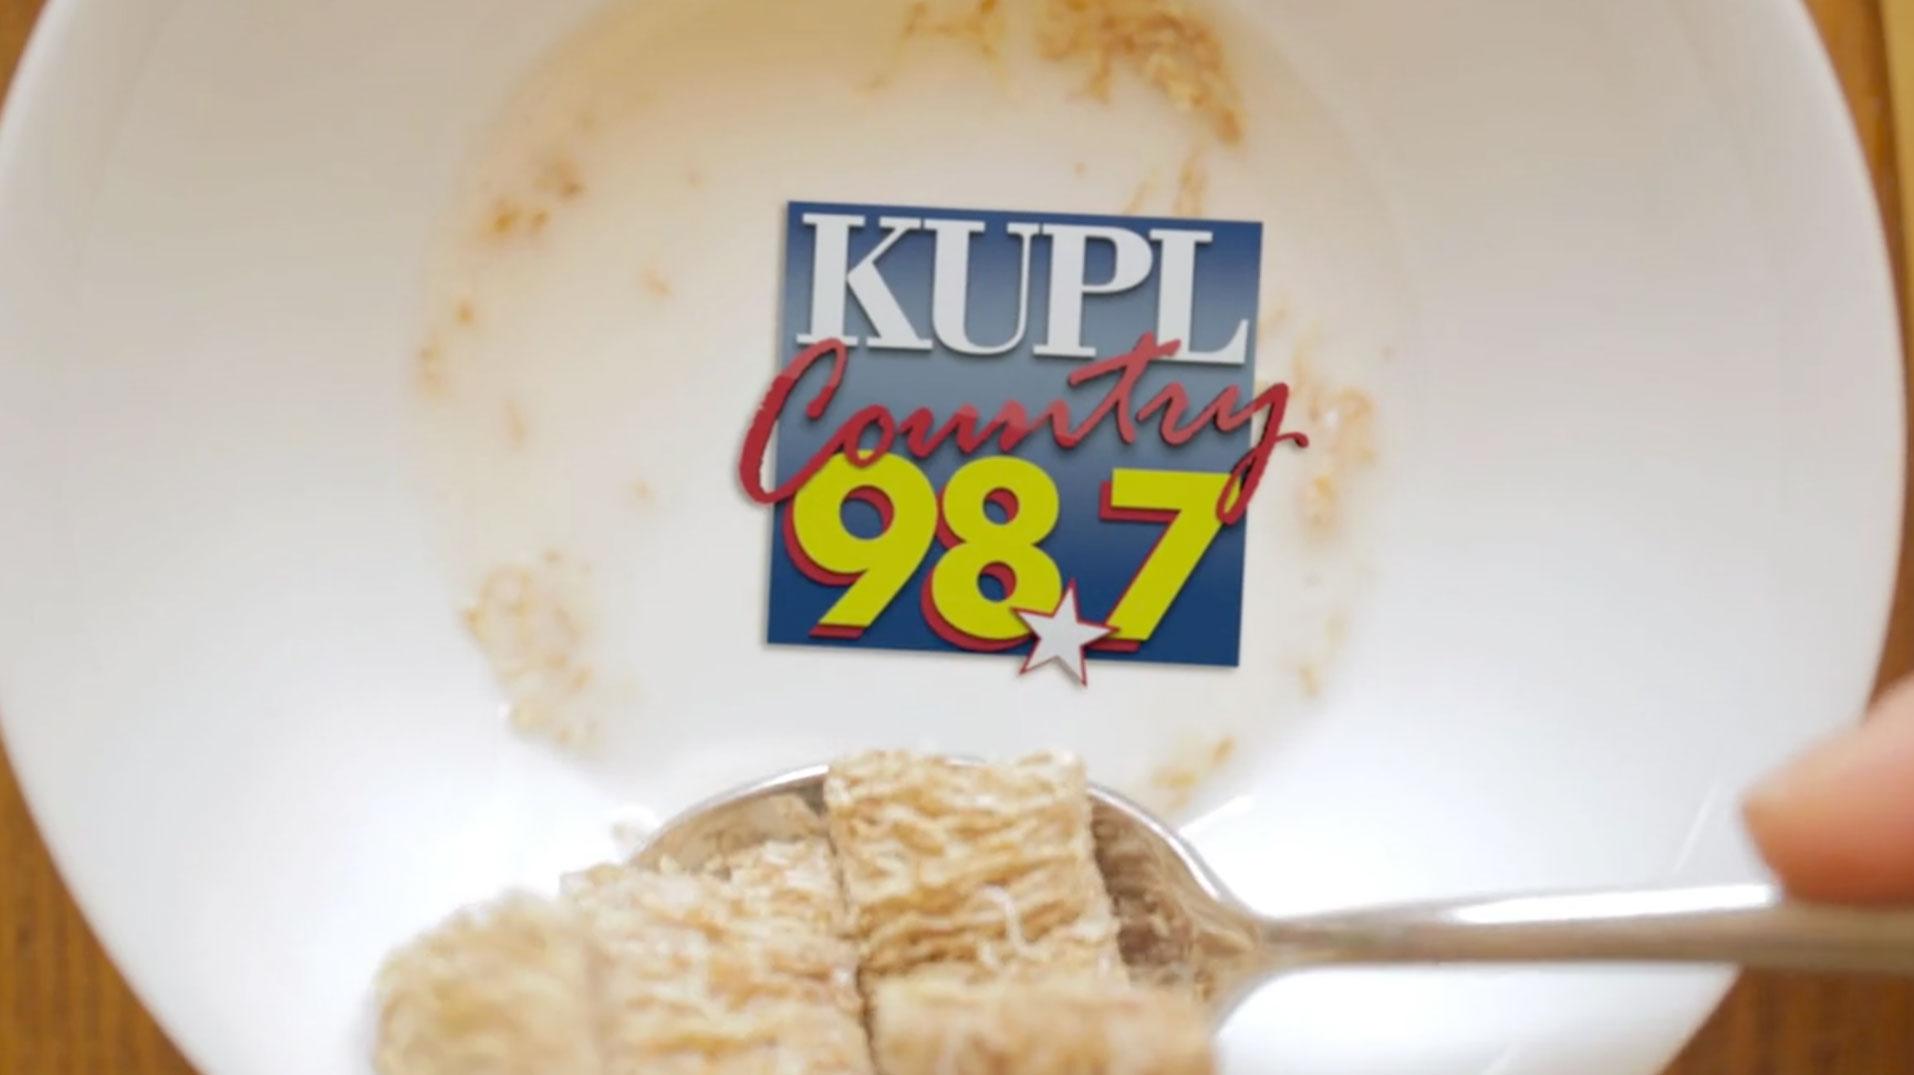 KUPL_Breakfast